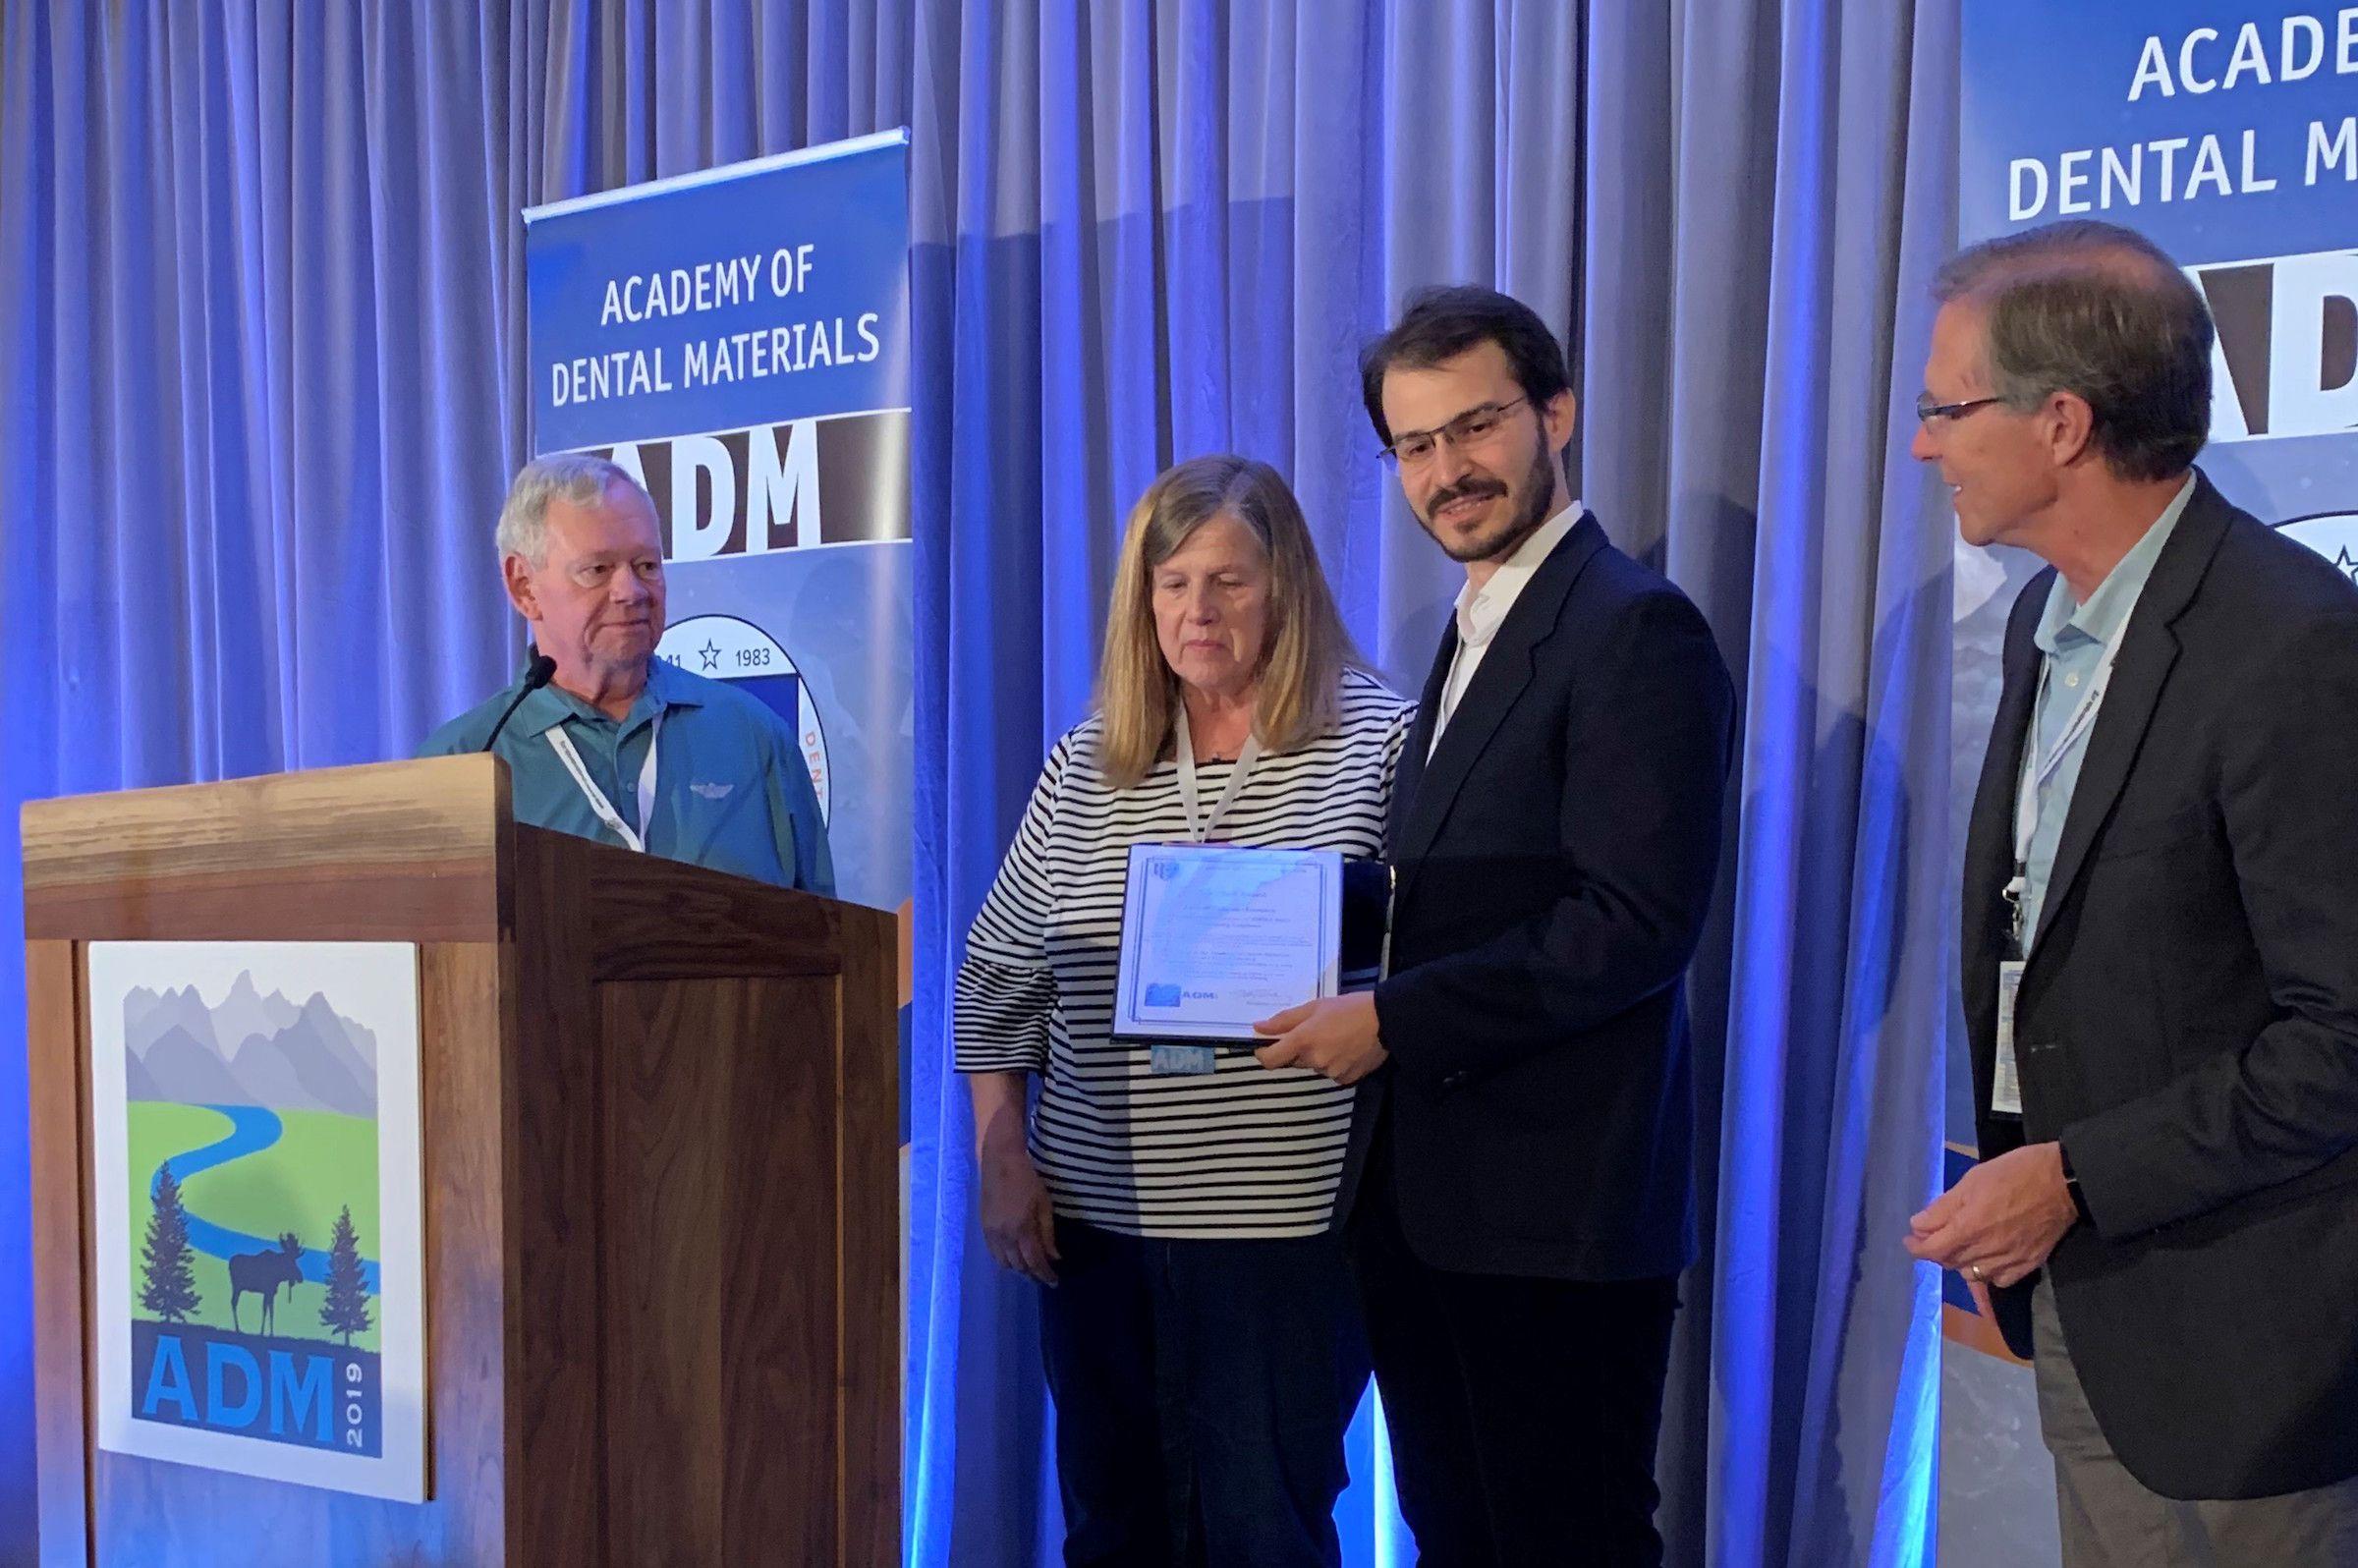 Andrei Ionescu, de la Universidad de Milán, recogió el premio para el equipo investigador, en la ADM 2019 Conference.